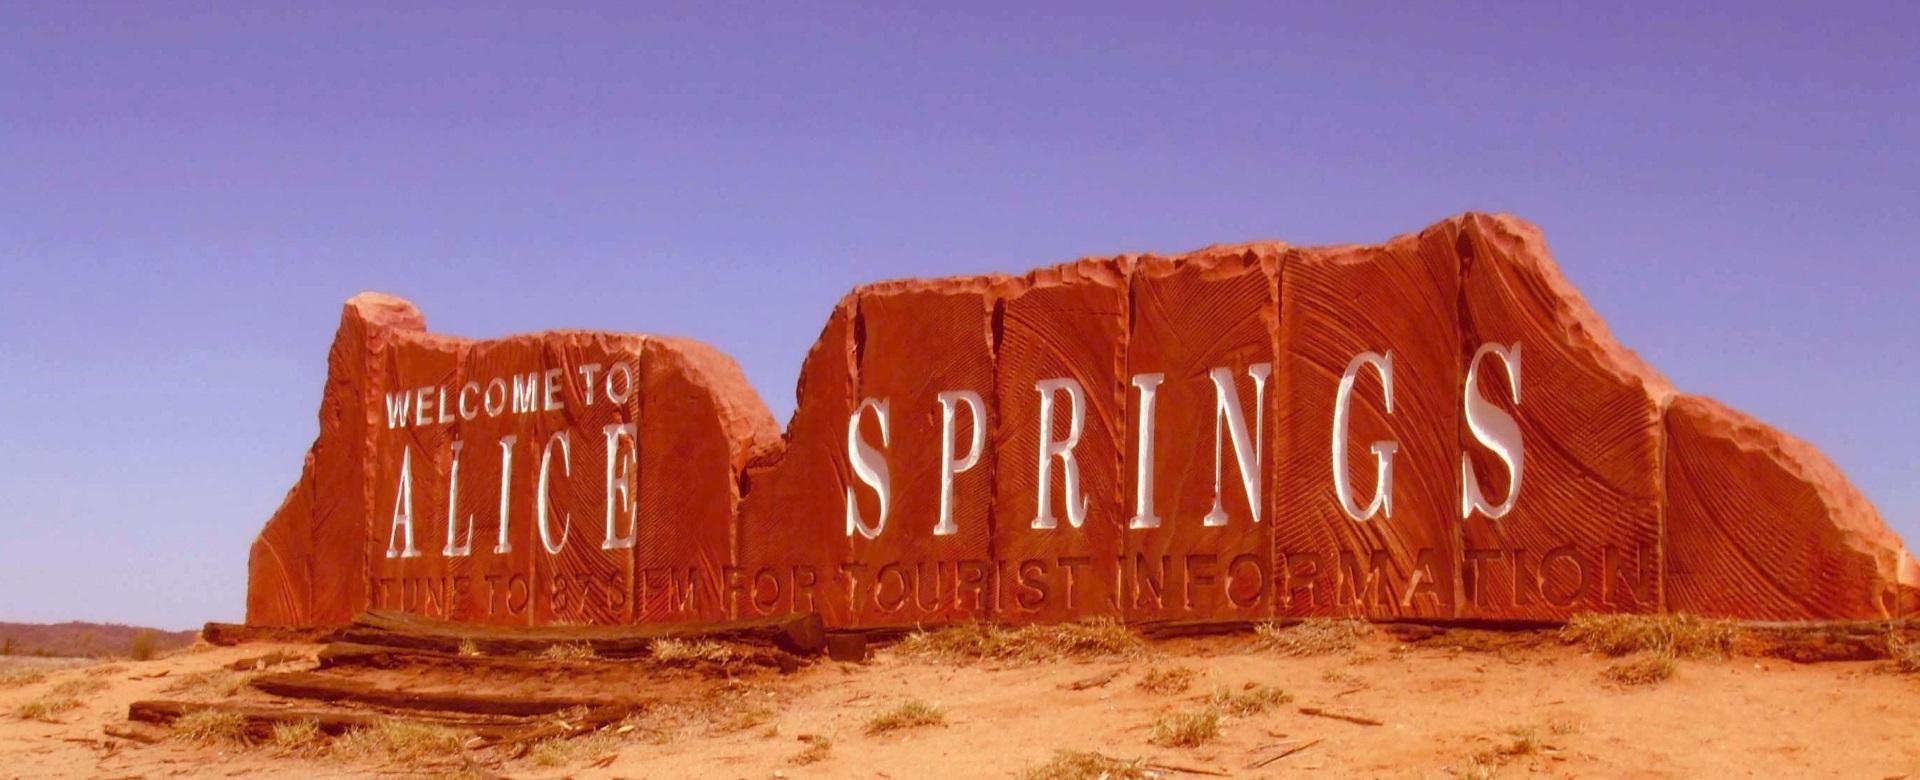 Guida di Alice Springs